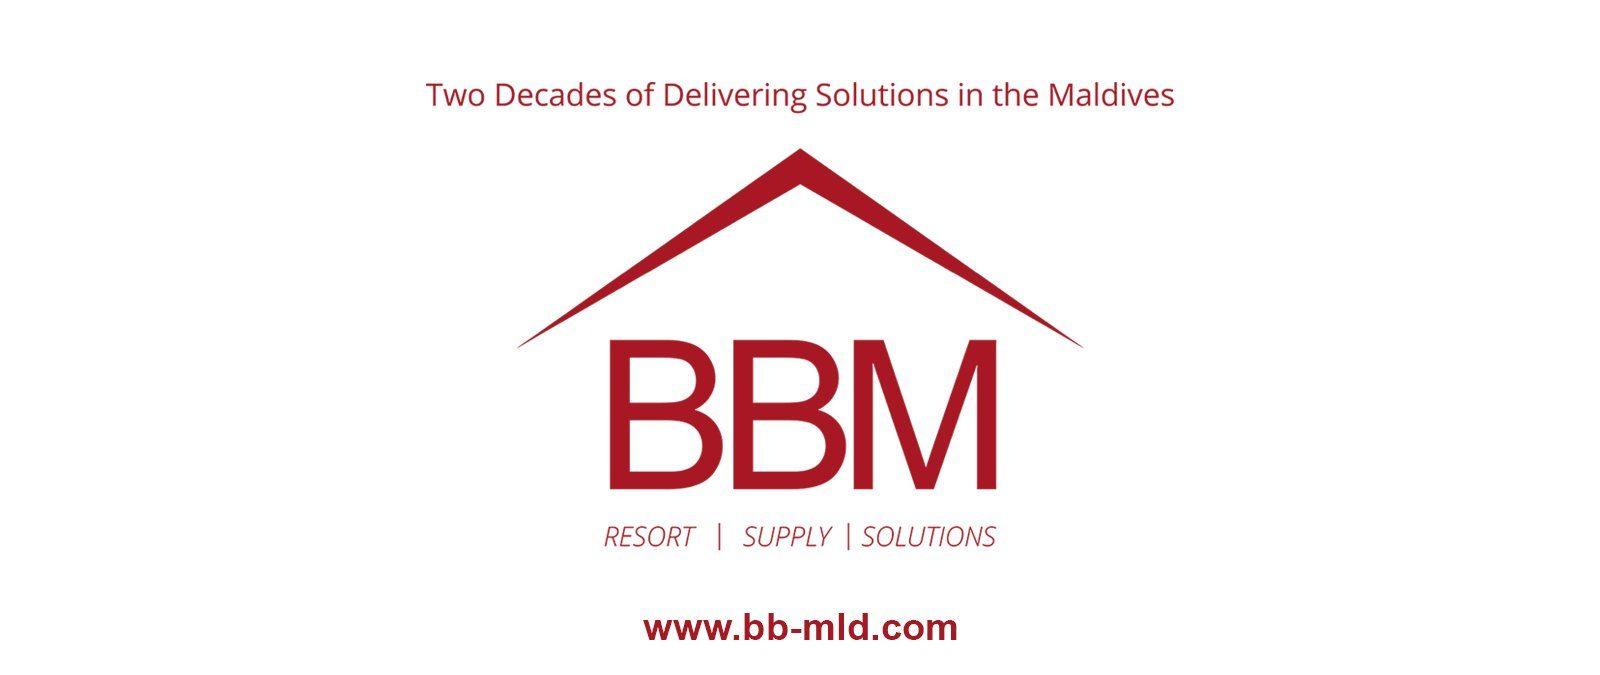 Bestbuy Maldives Resort Supplies